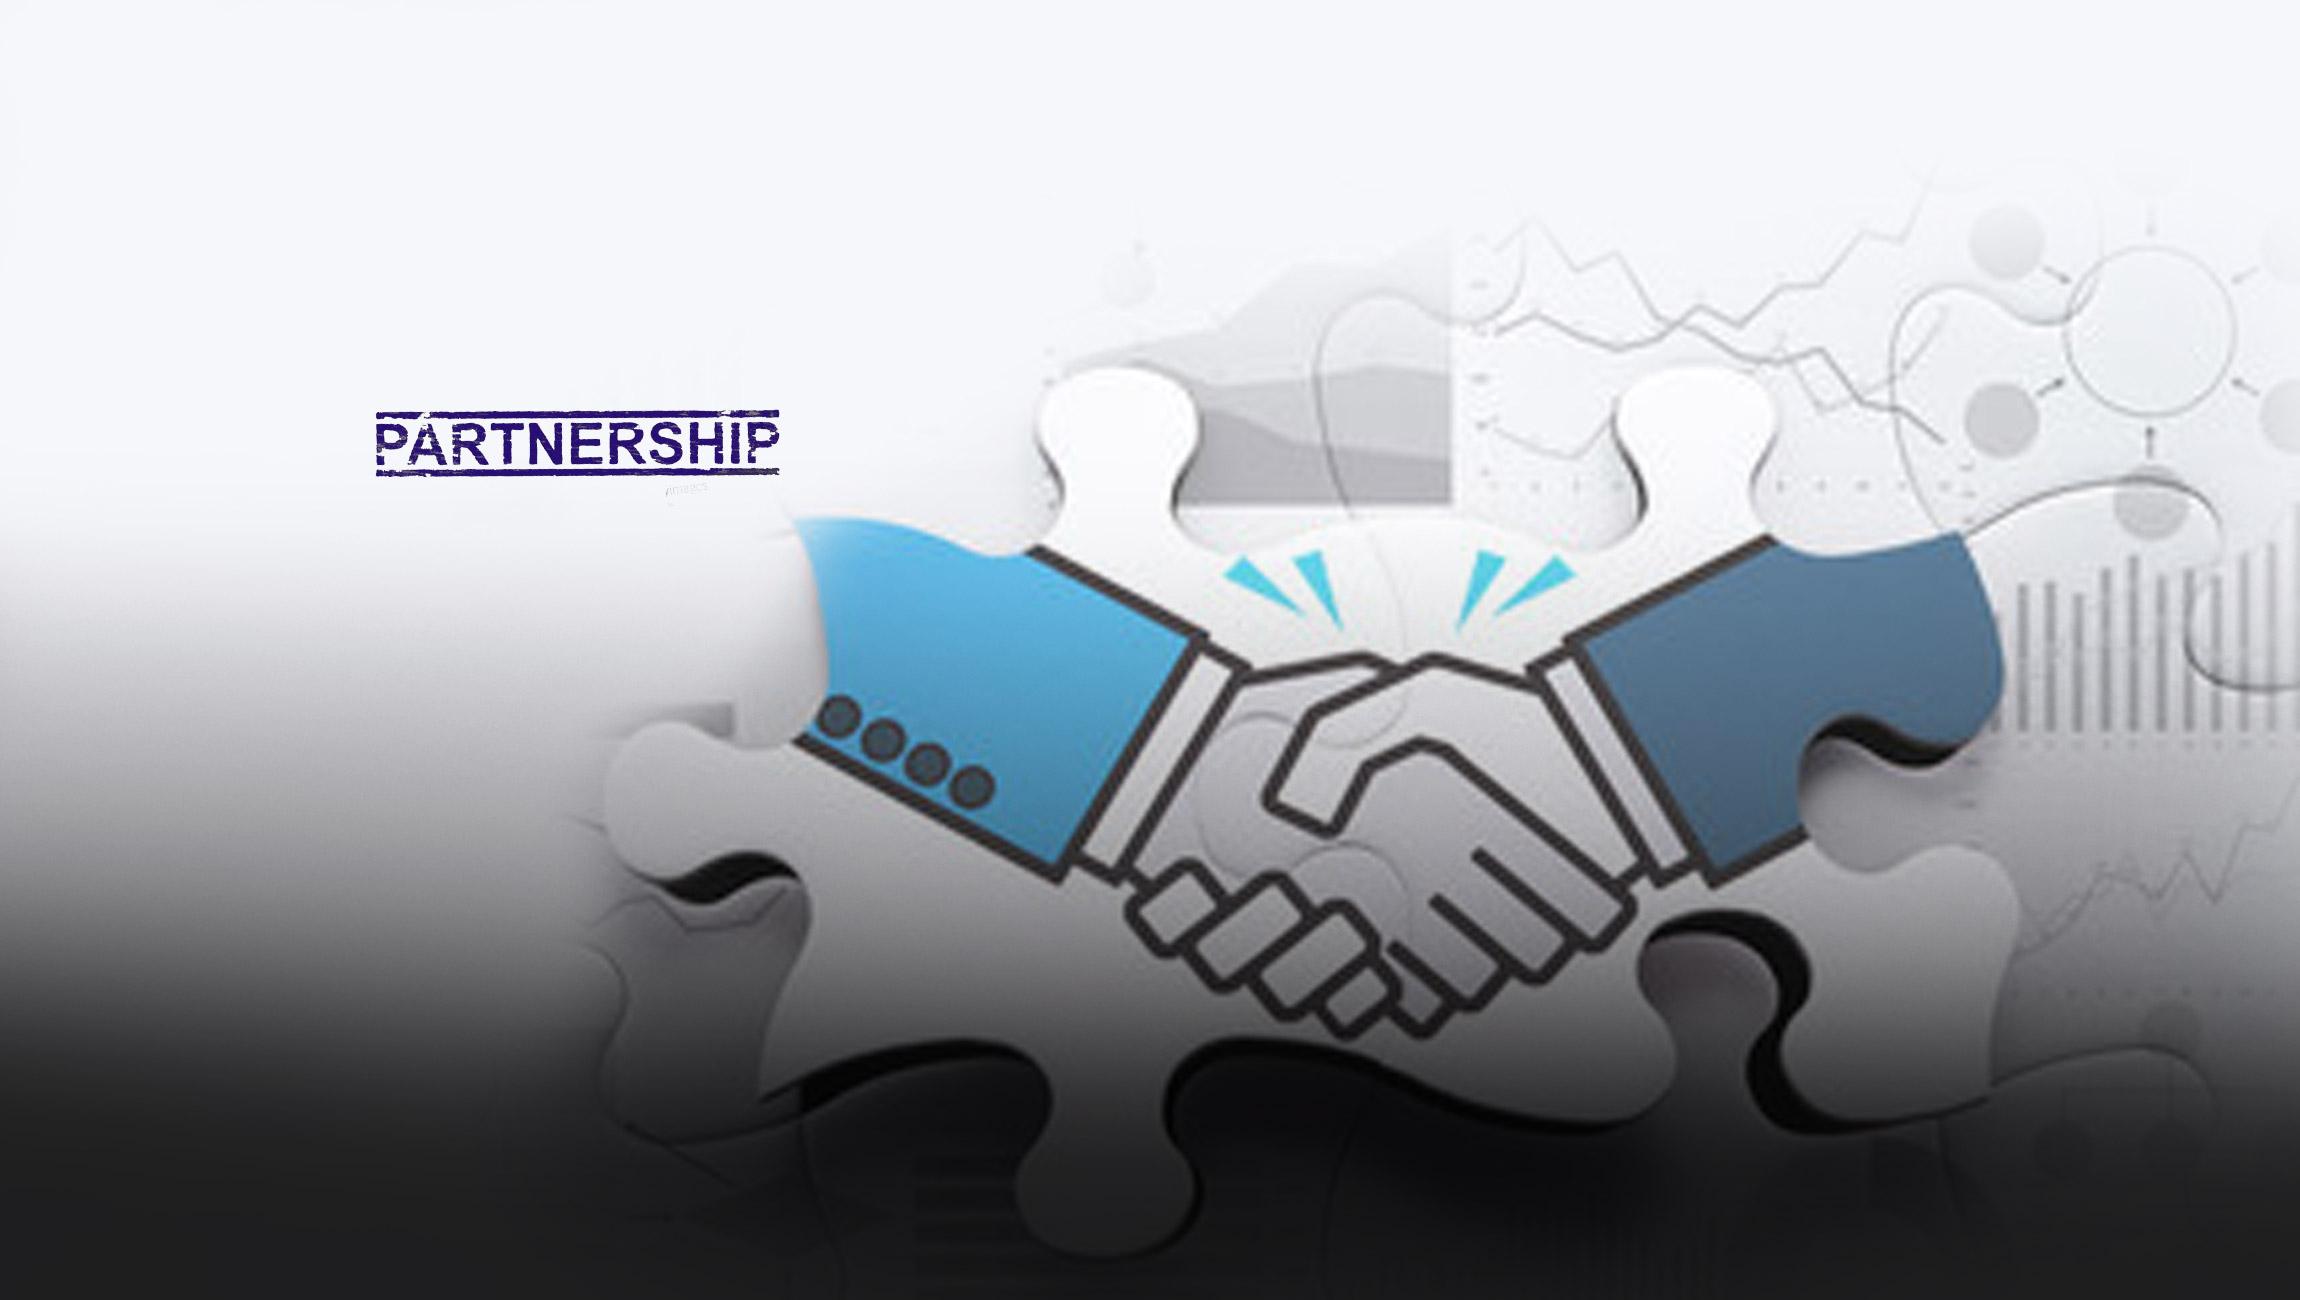 NetElixir and Miva Partner to Help Online Merchants Drive Revenue